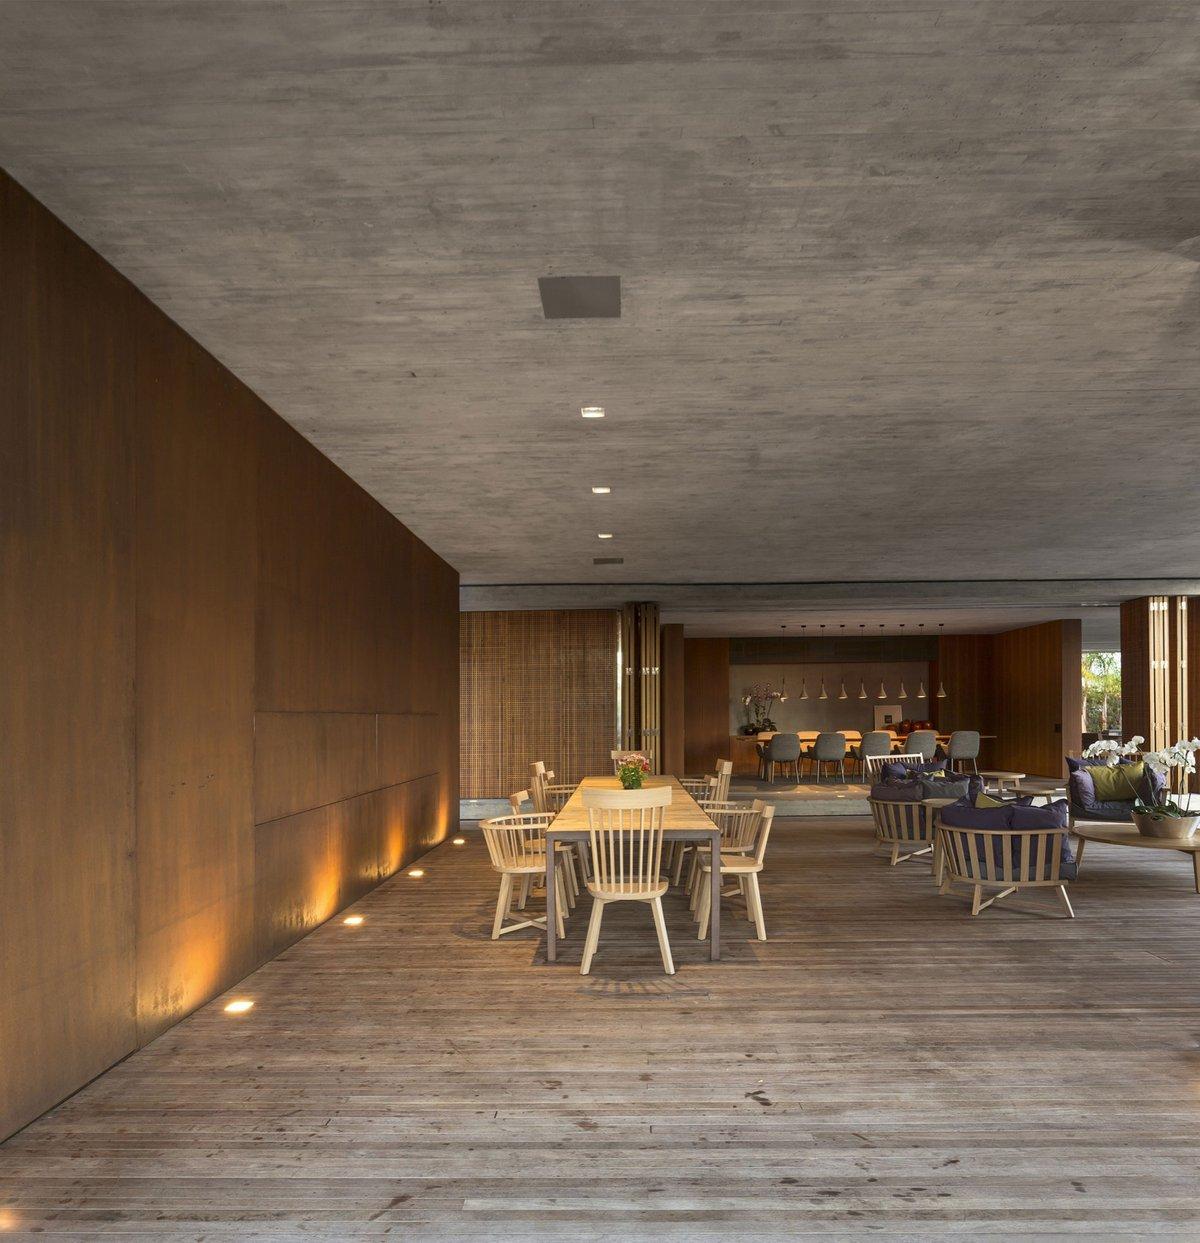 Studio MK27, Lair Reis, P House в Сан-Паулу, особняки Бразилии, открытый дизайн частного дома, 4-этажный особняк, лучшие дома в Сан-Паулу смотреть